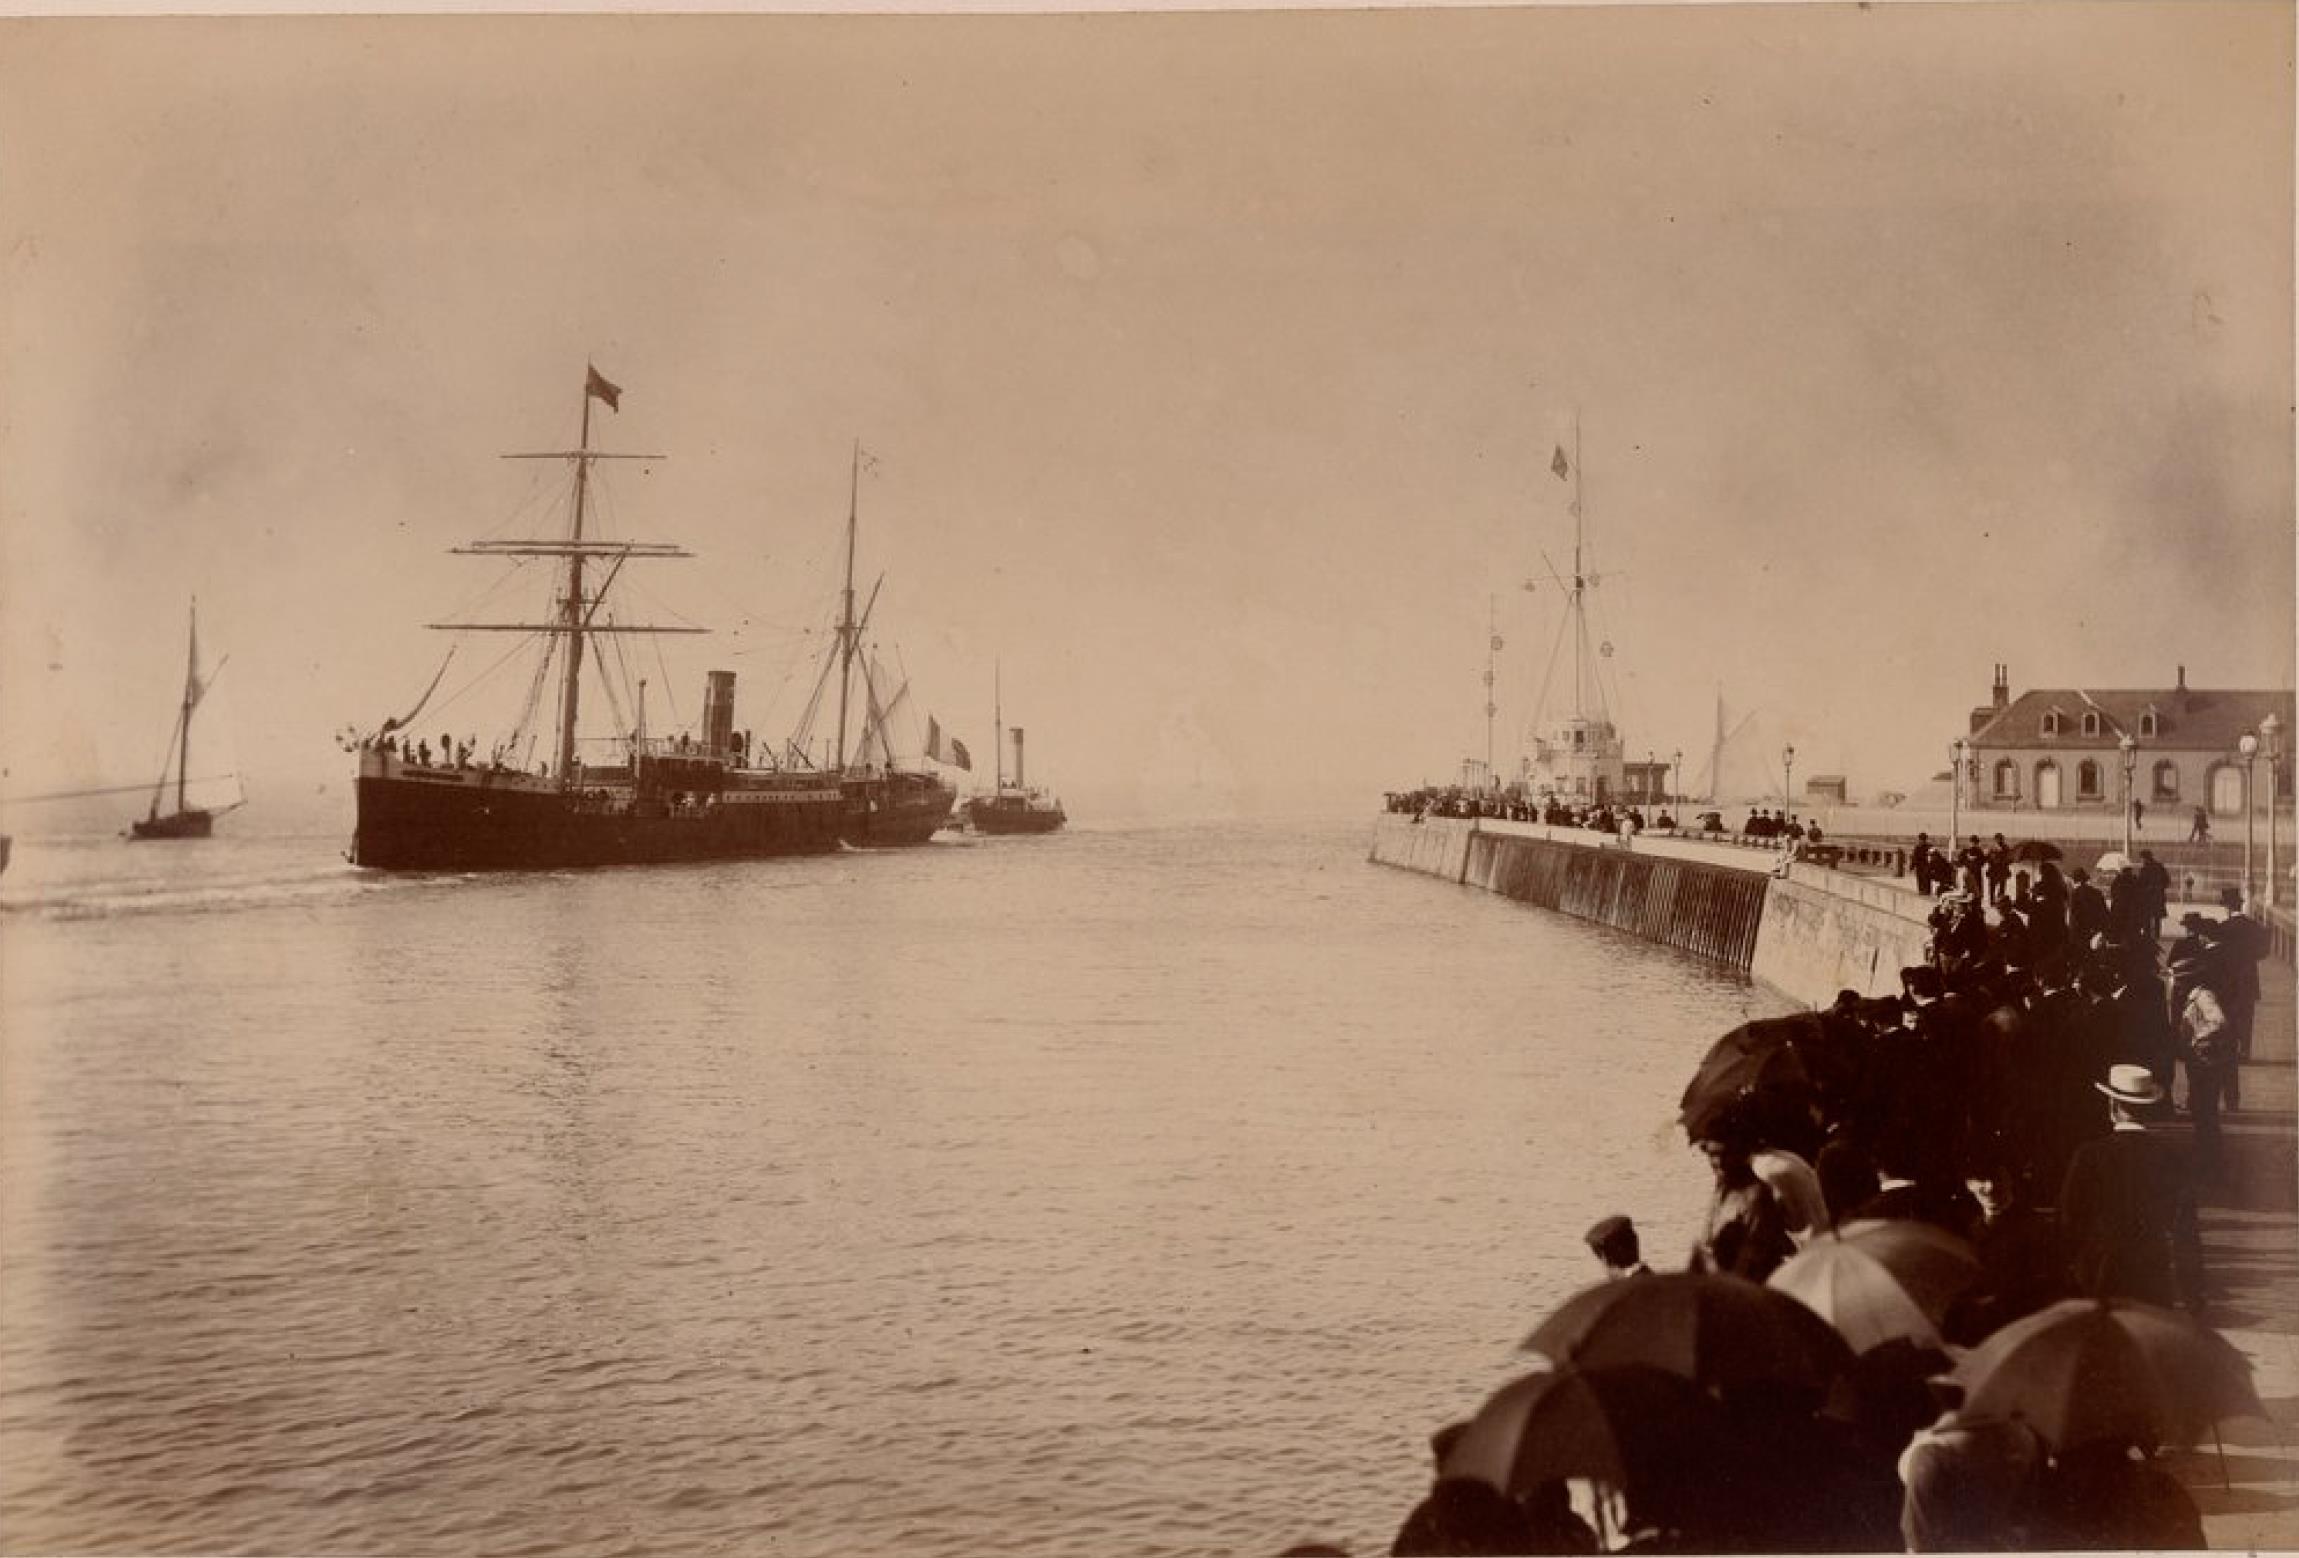 Компания «Chargeurs Reunis». Гавр. Пассажирское судно «Город Мараньян». Линия Гавр - Южная Америка